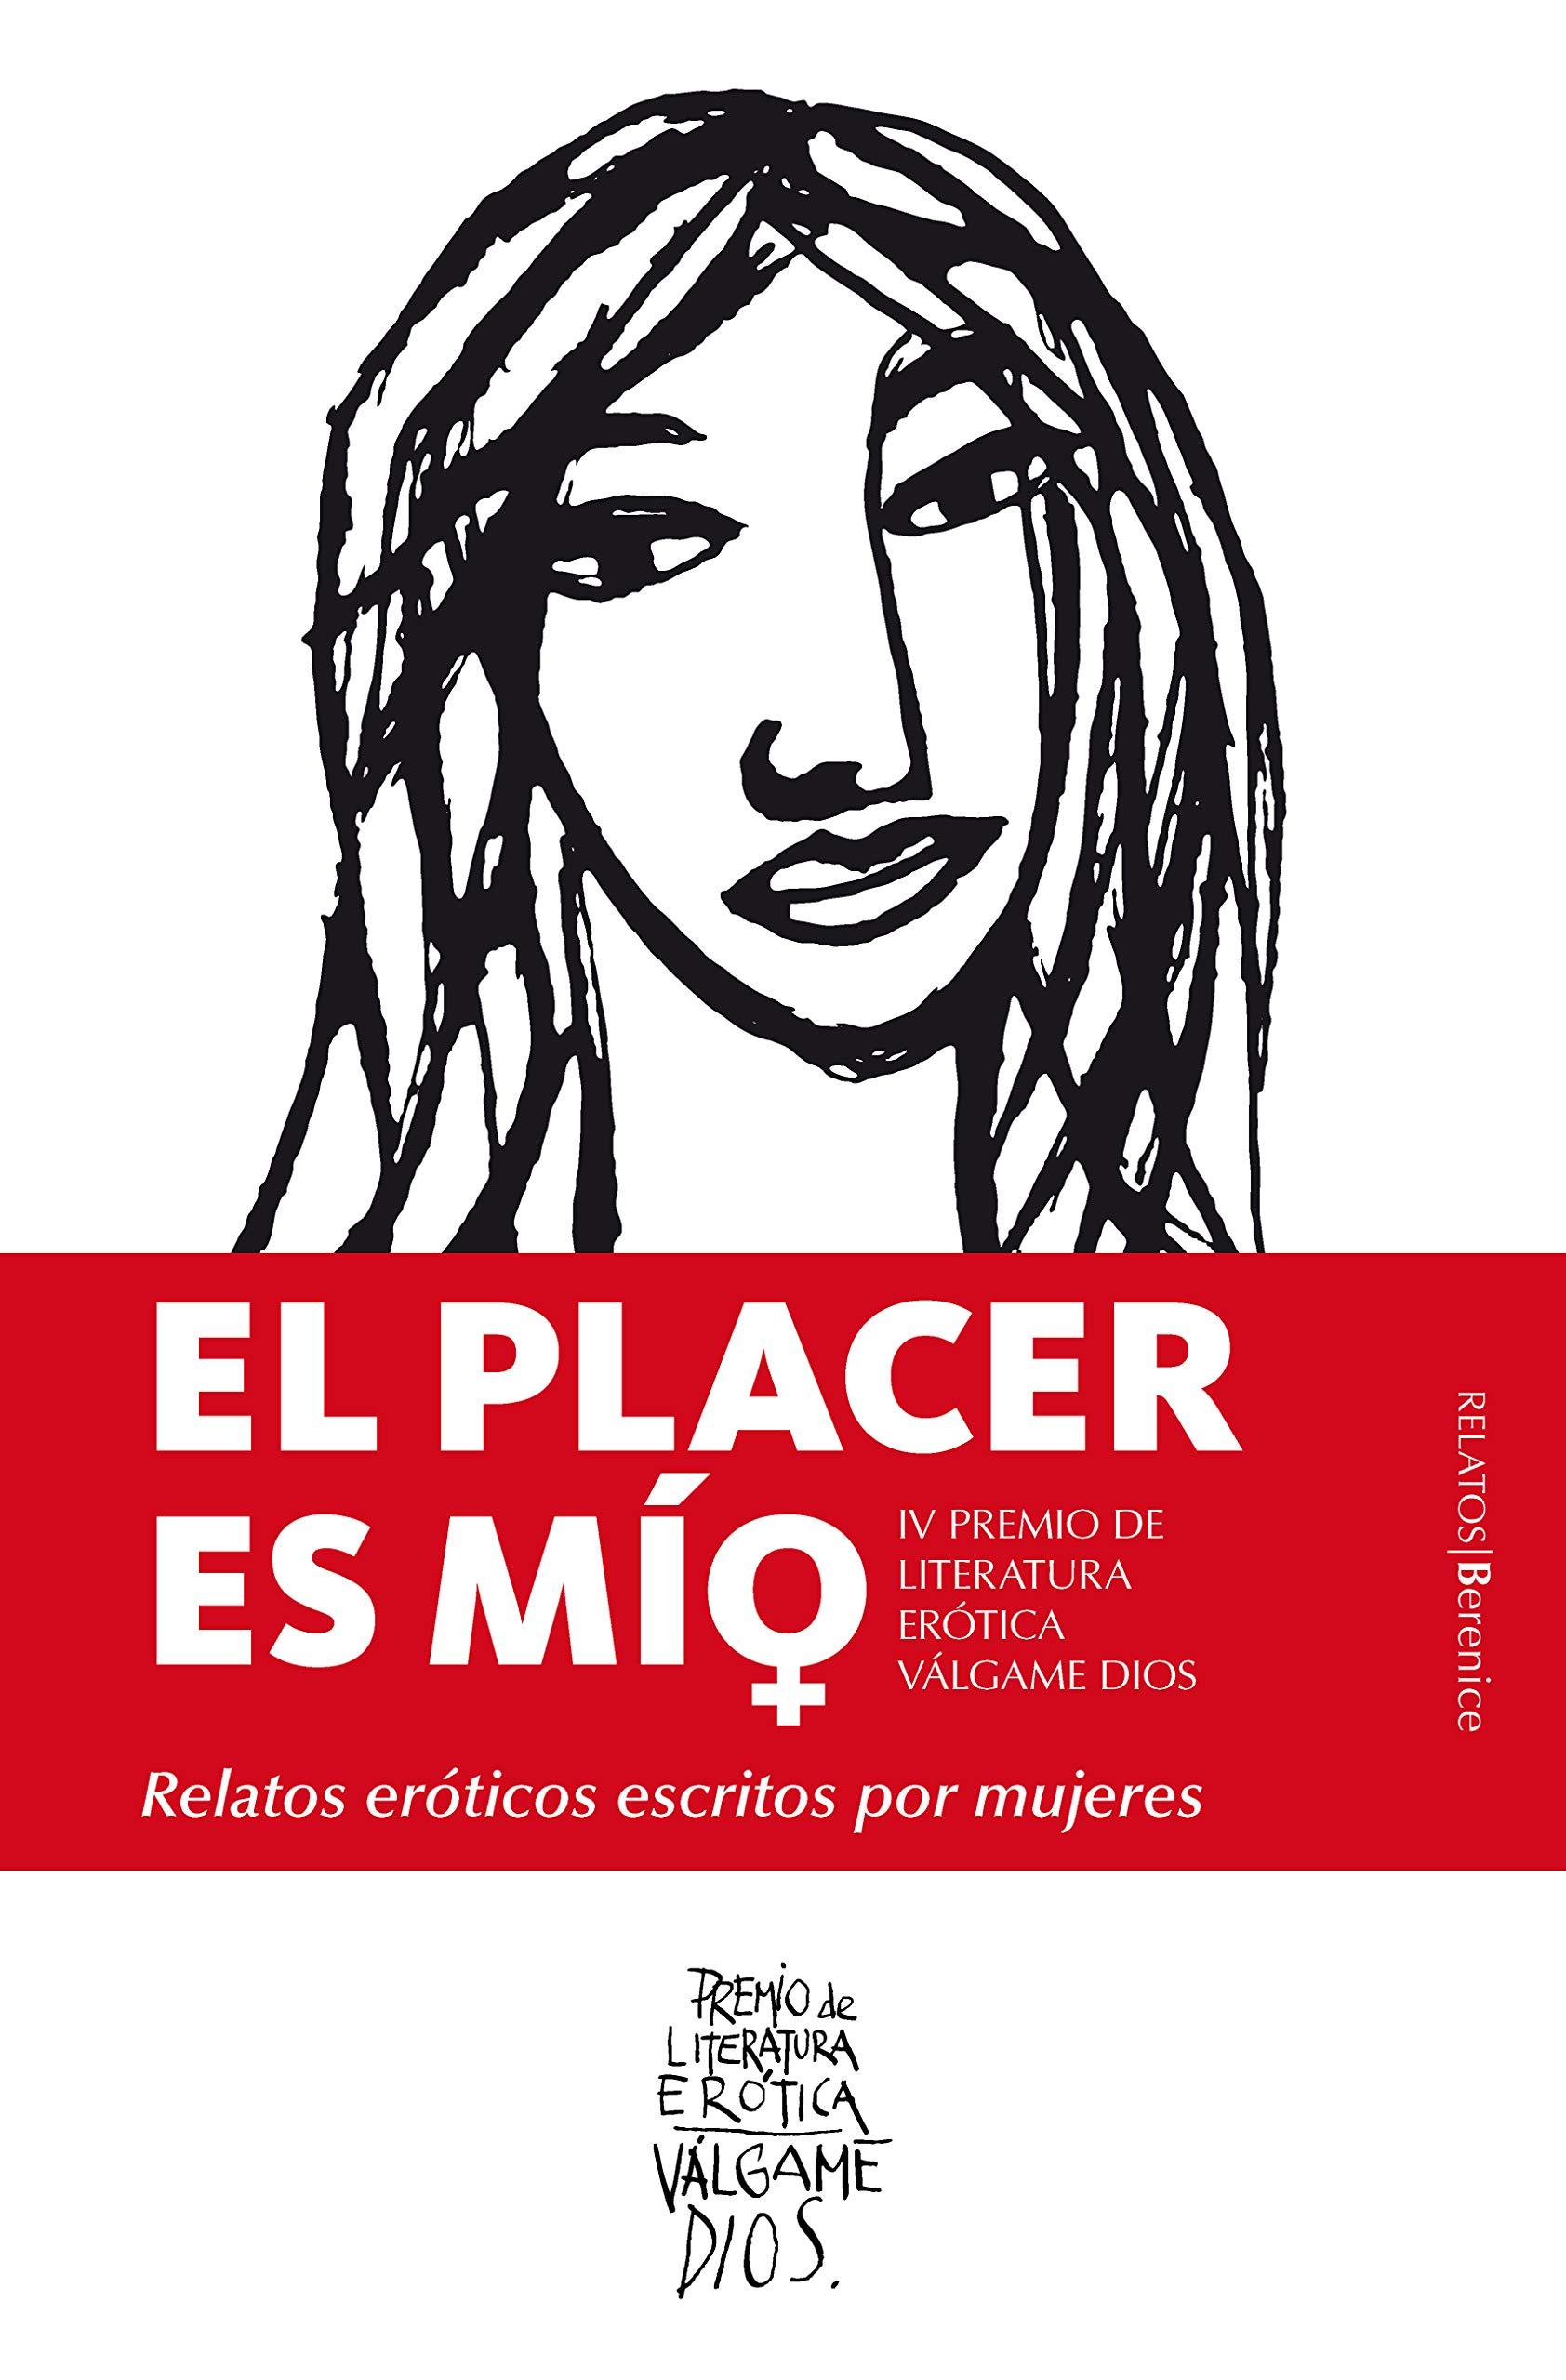 El placer es mío. Relatos eróticos escritos por mujeres: Amazon.es: AA.VV.:  Libros